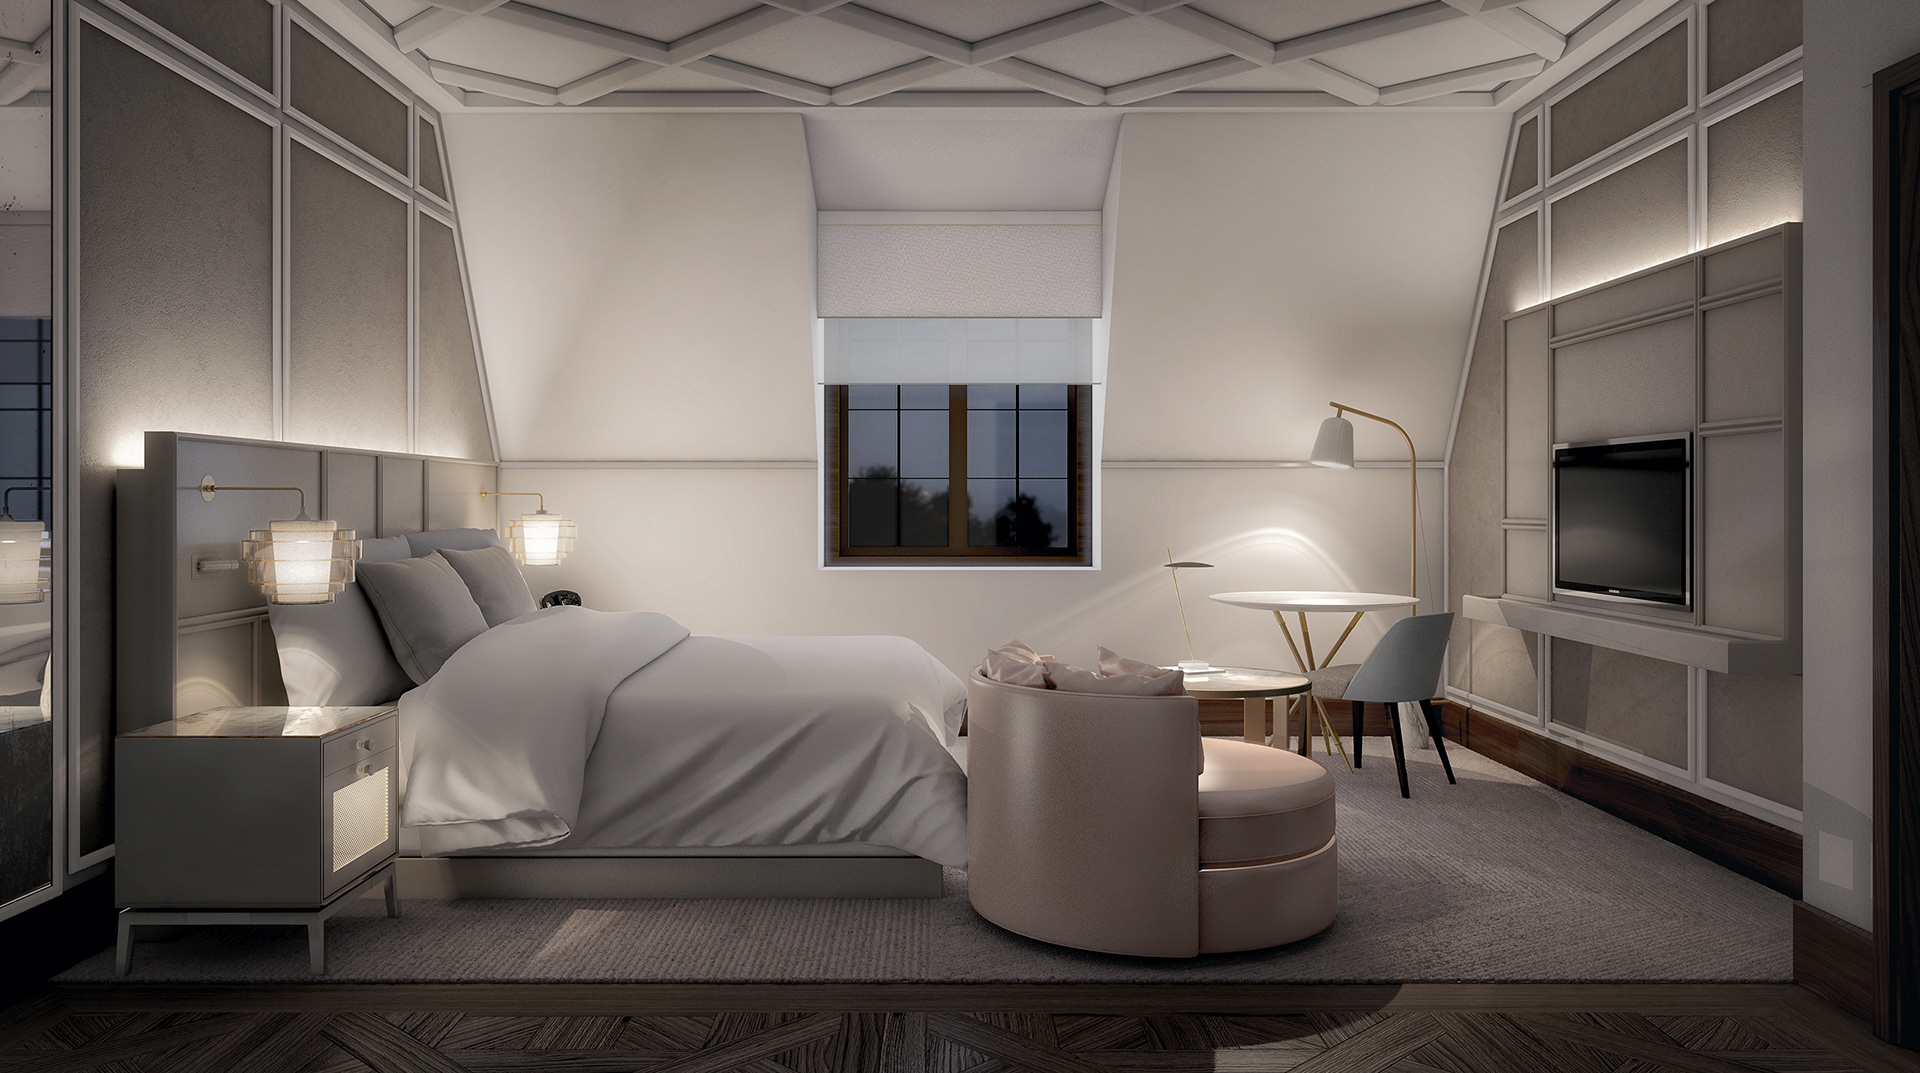 visualización arquitectónica de dormitorio